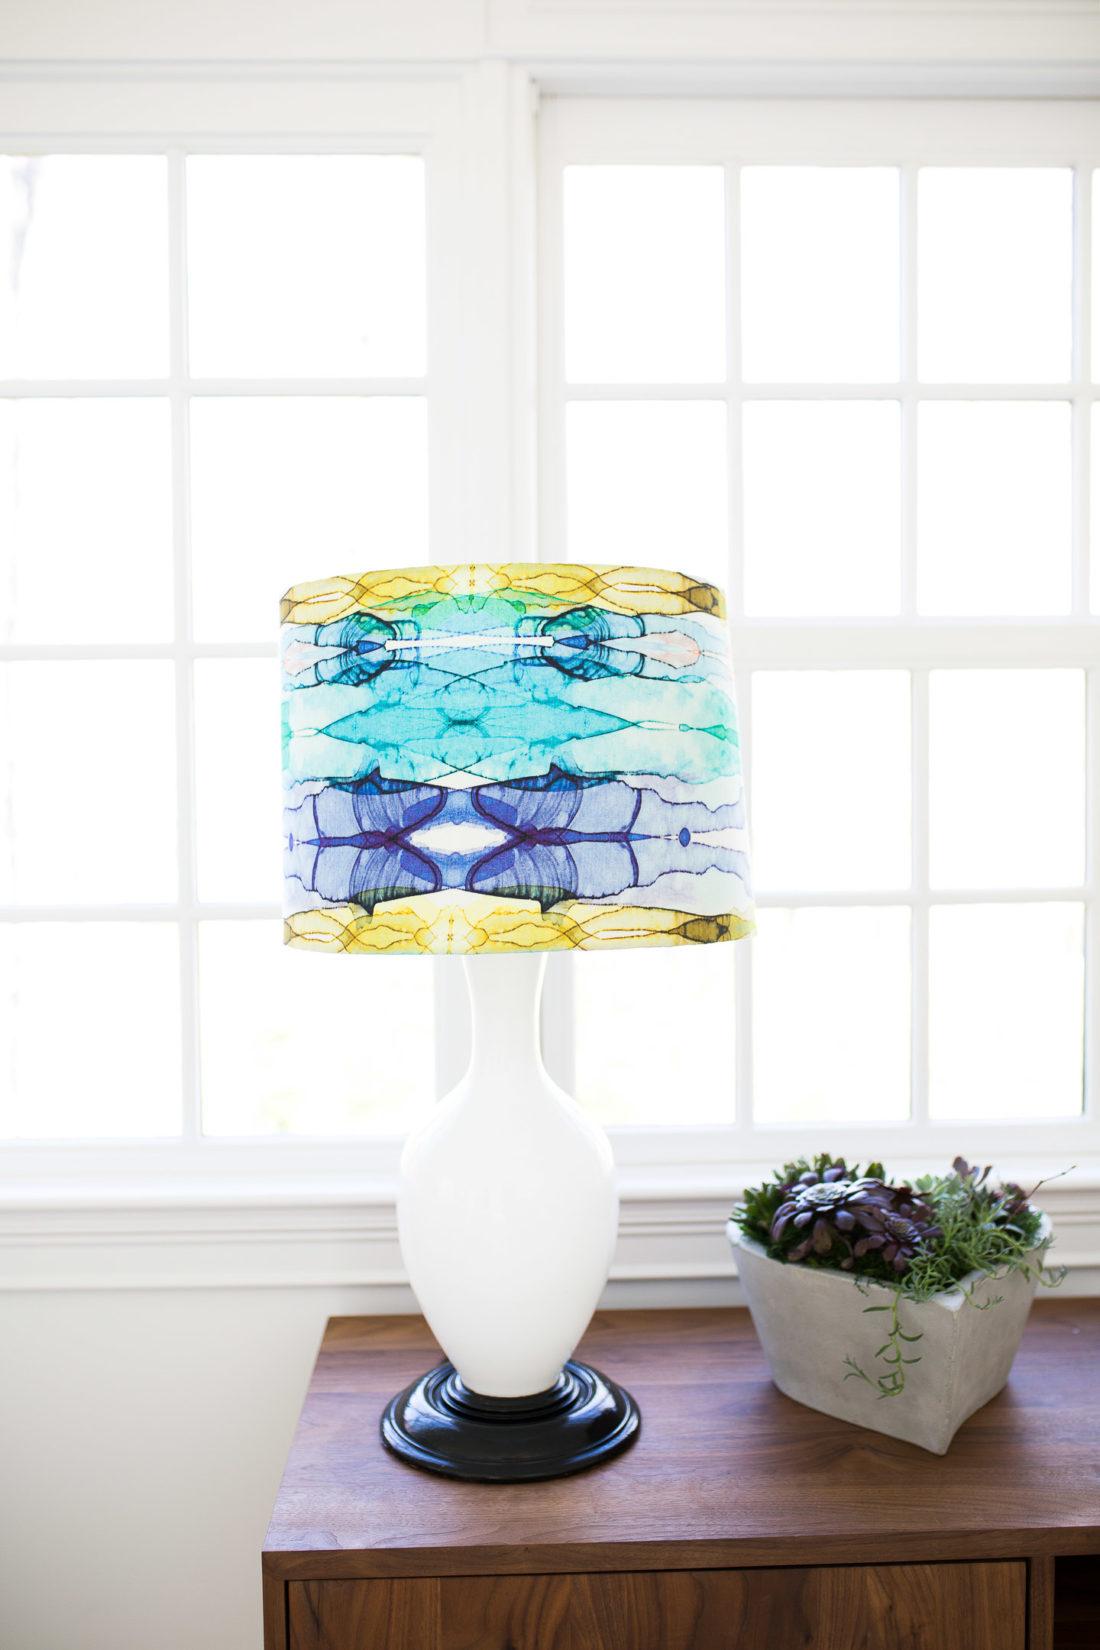 A multicolored lamp in Eva Amurri Martino's Happily Eva After studio